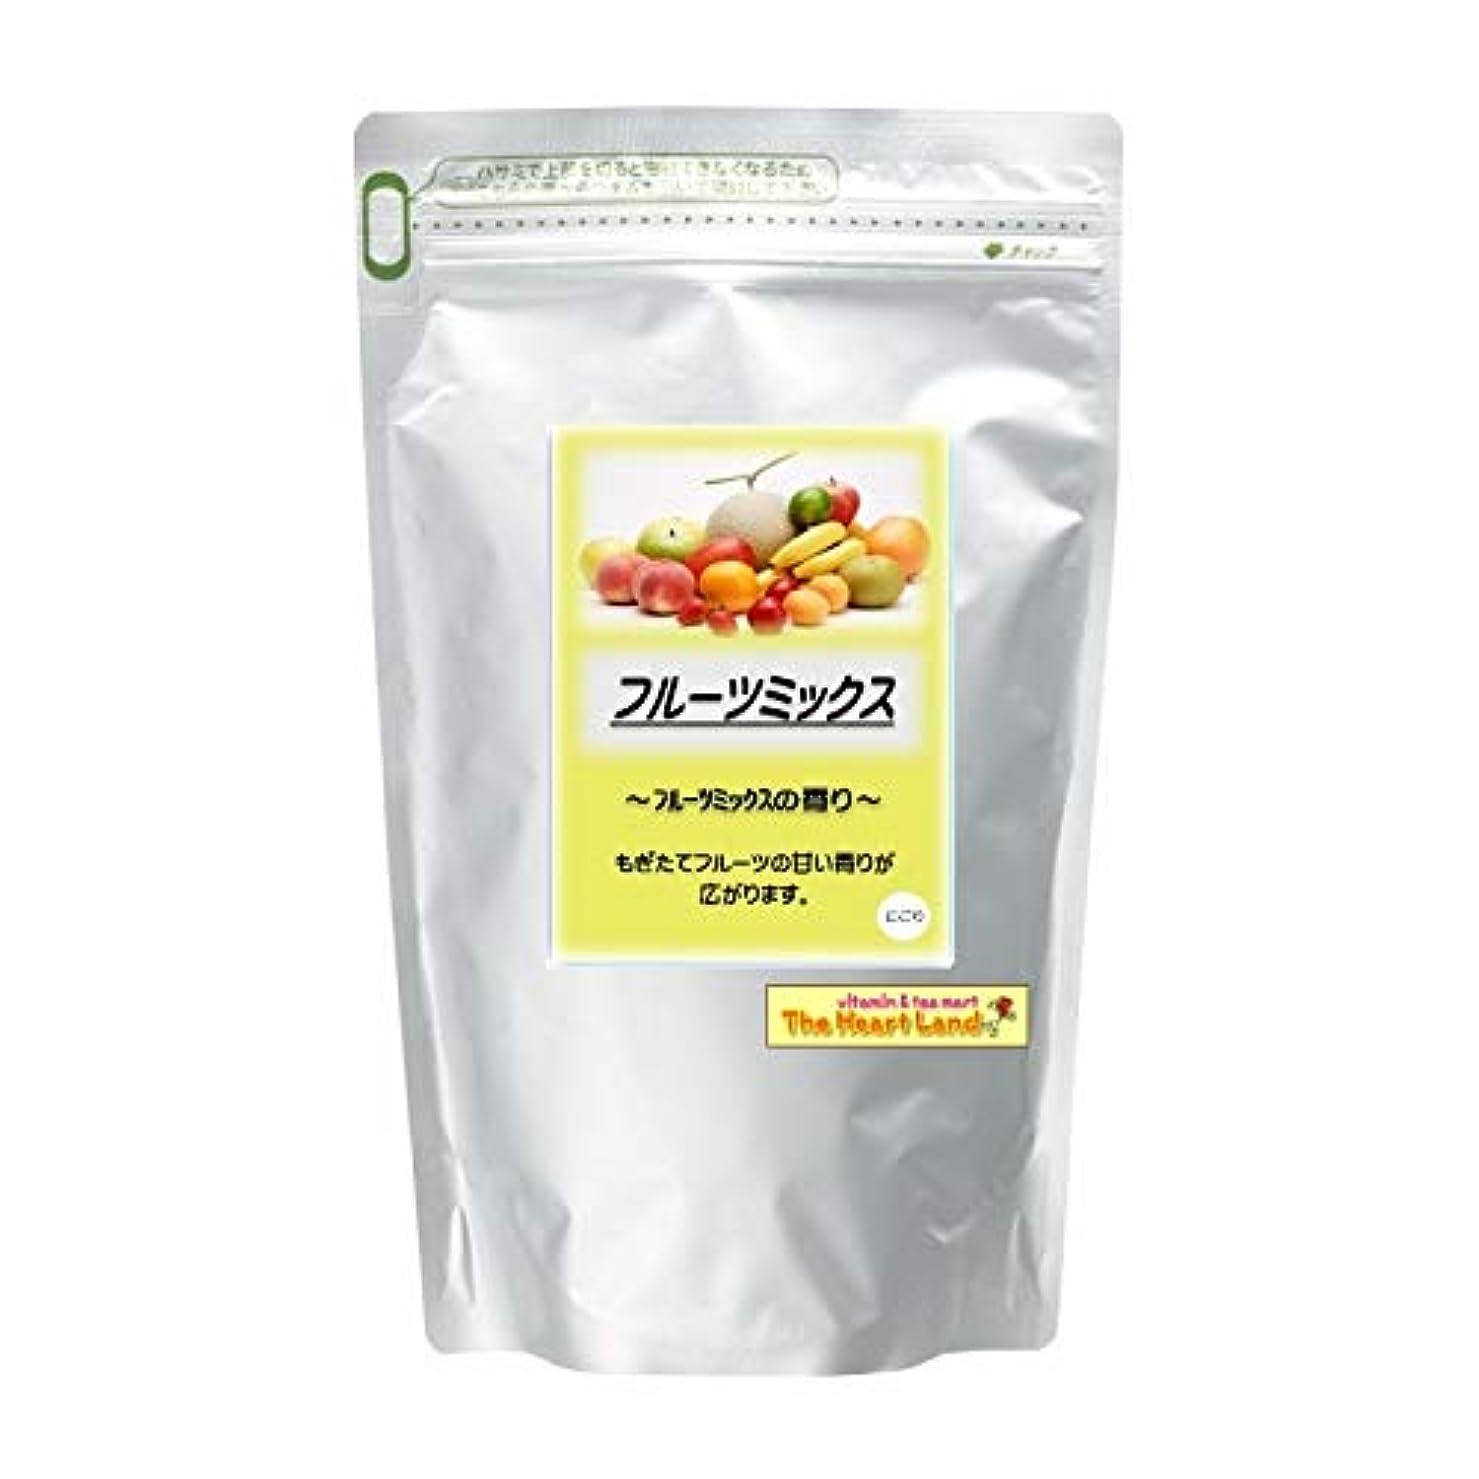 思い出させる尾ドアミラーアサヒ入浴剤 浴用入浴化粧品 フルーツミックス 2.5kg